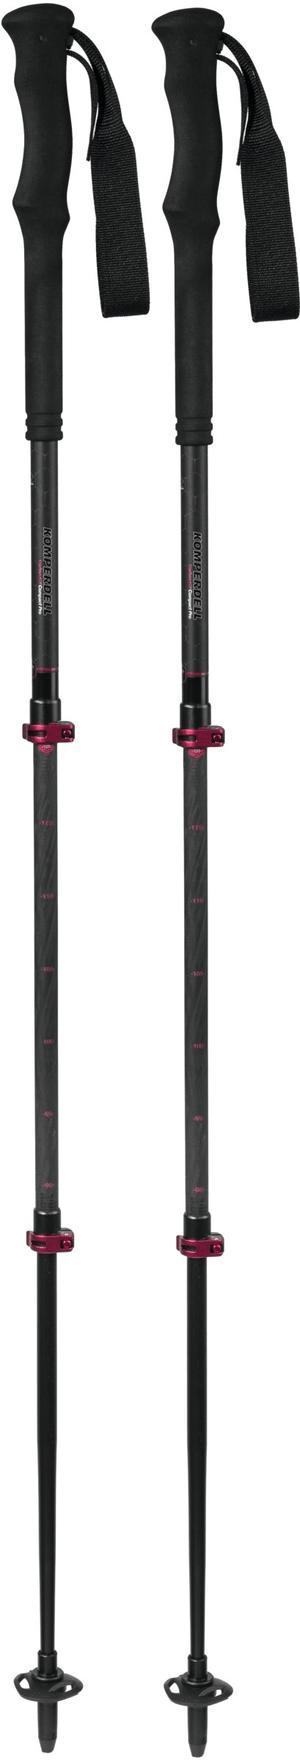 C3 Carbon Pro Compact